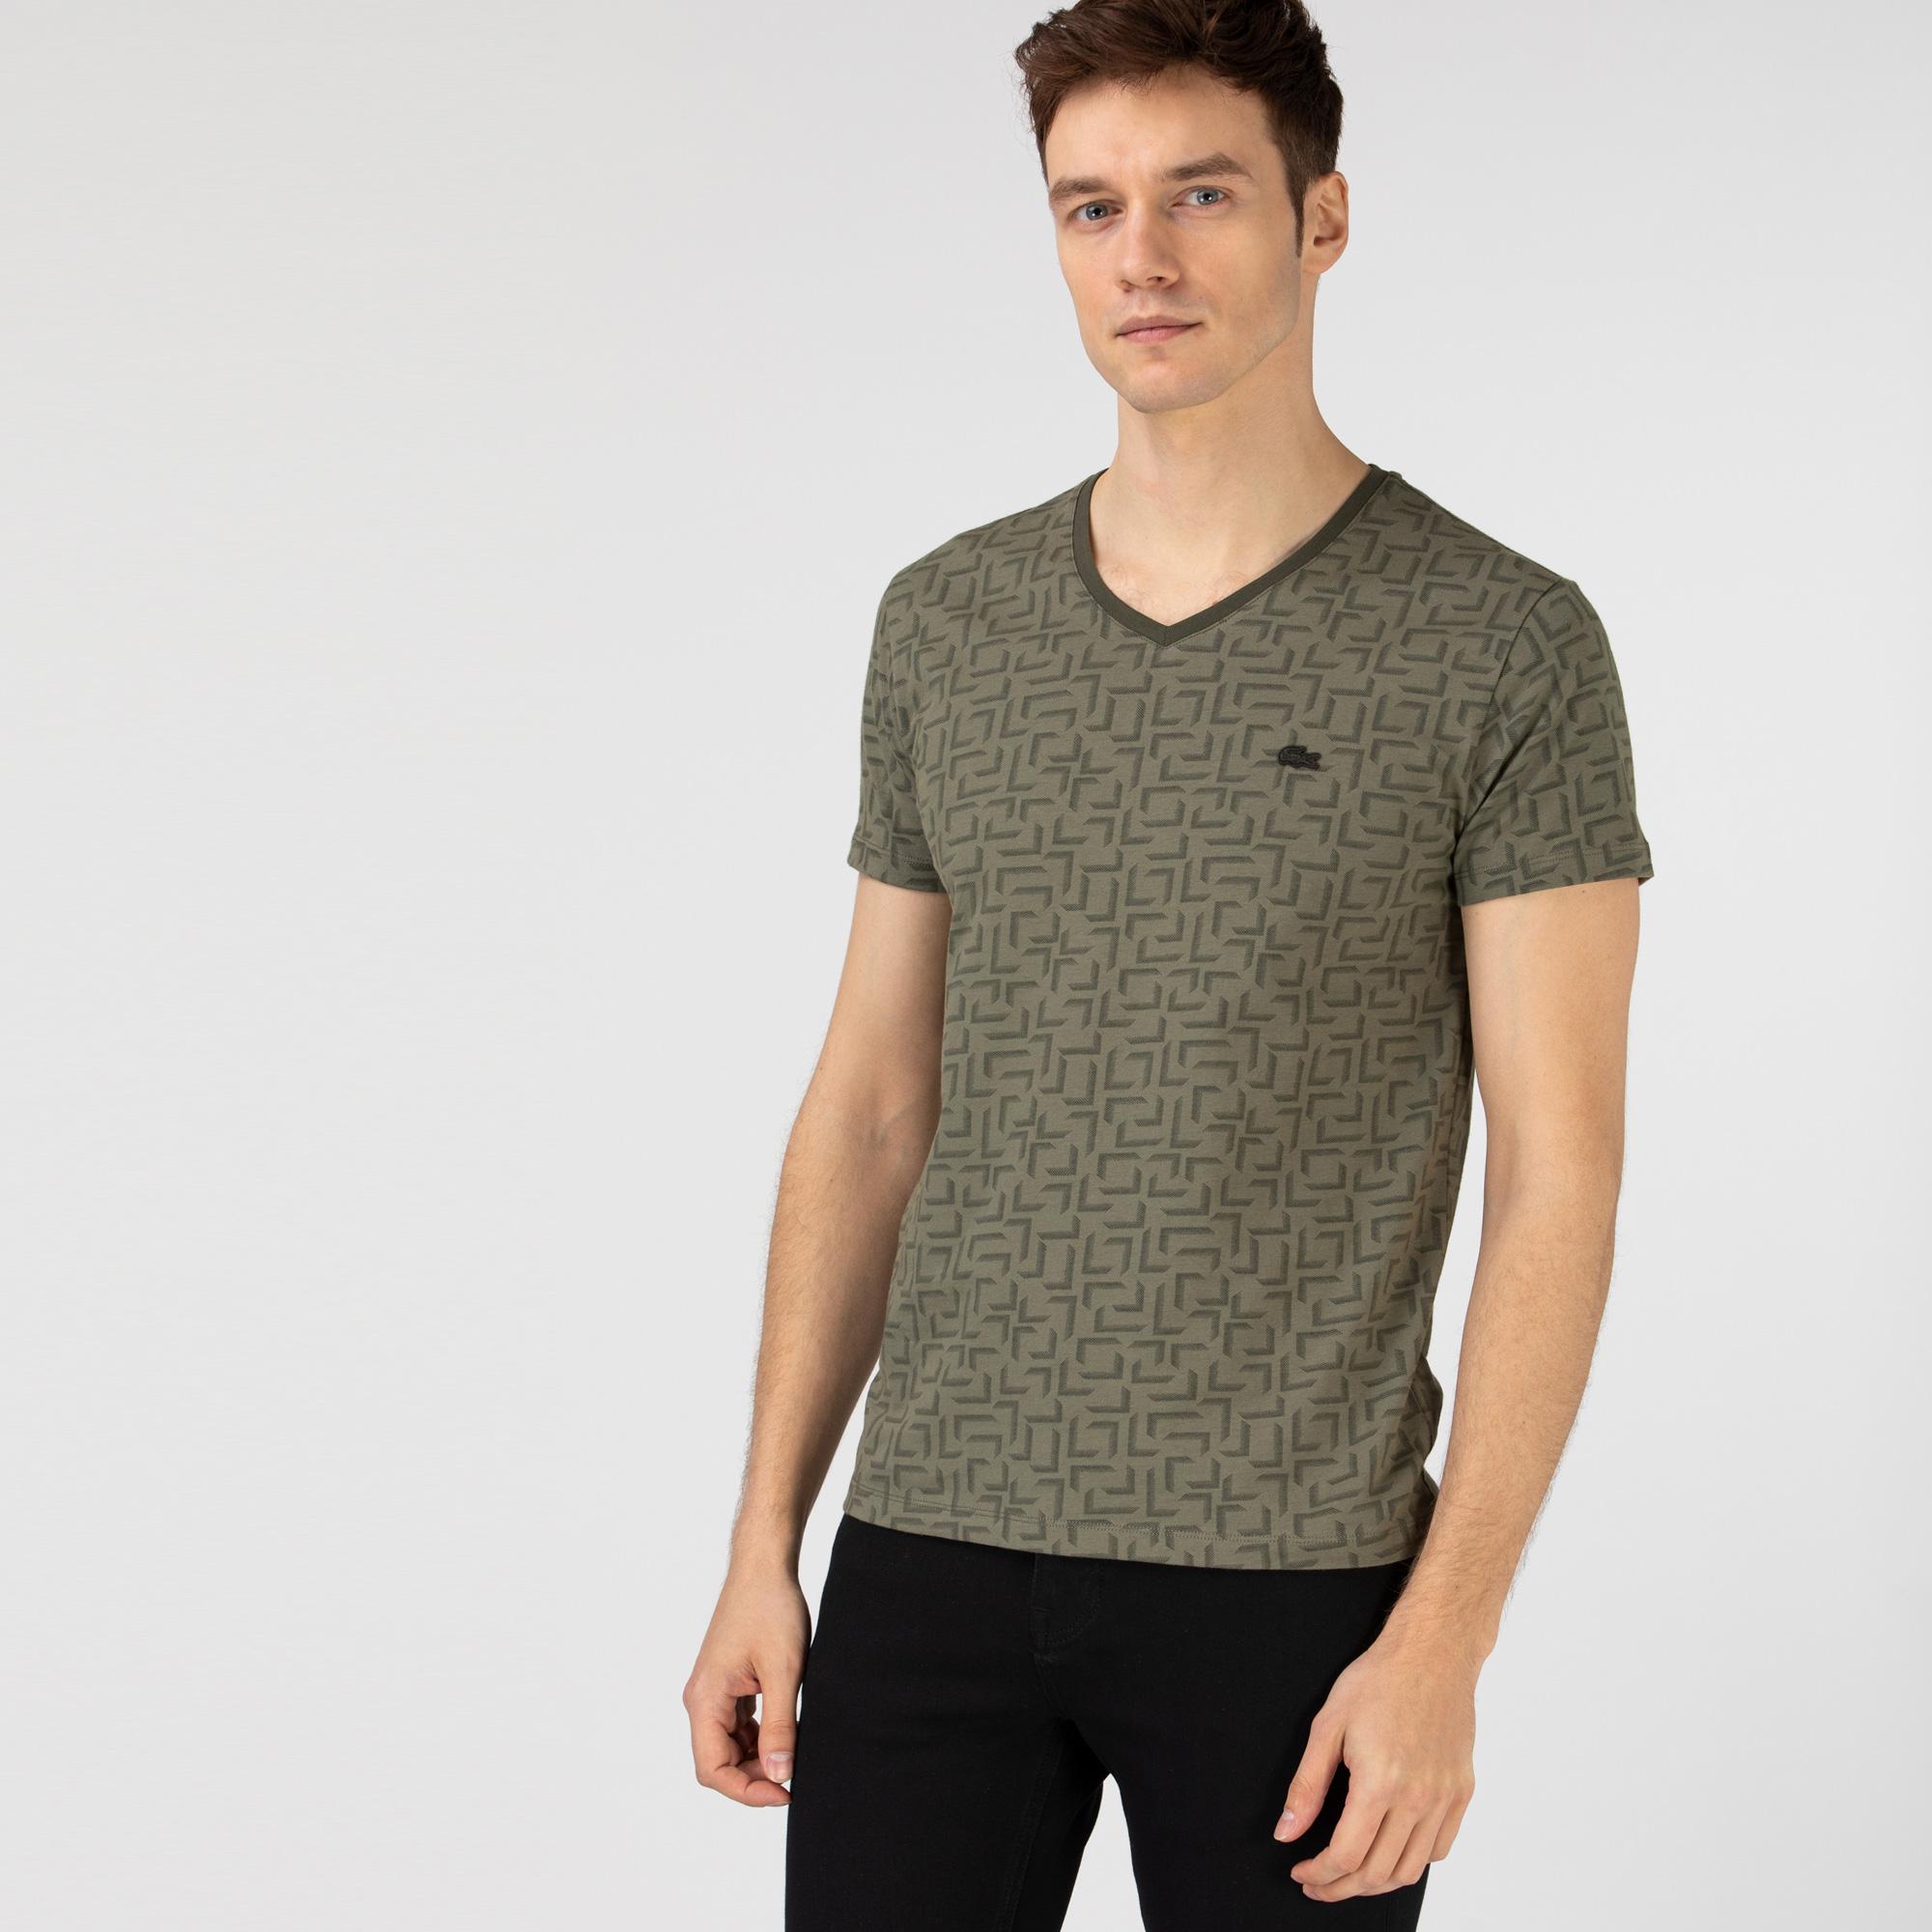 Lacoste Erkek Slim Fit V Yaka Desenli Haki T-Shirt